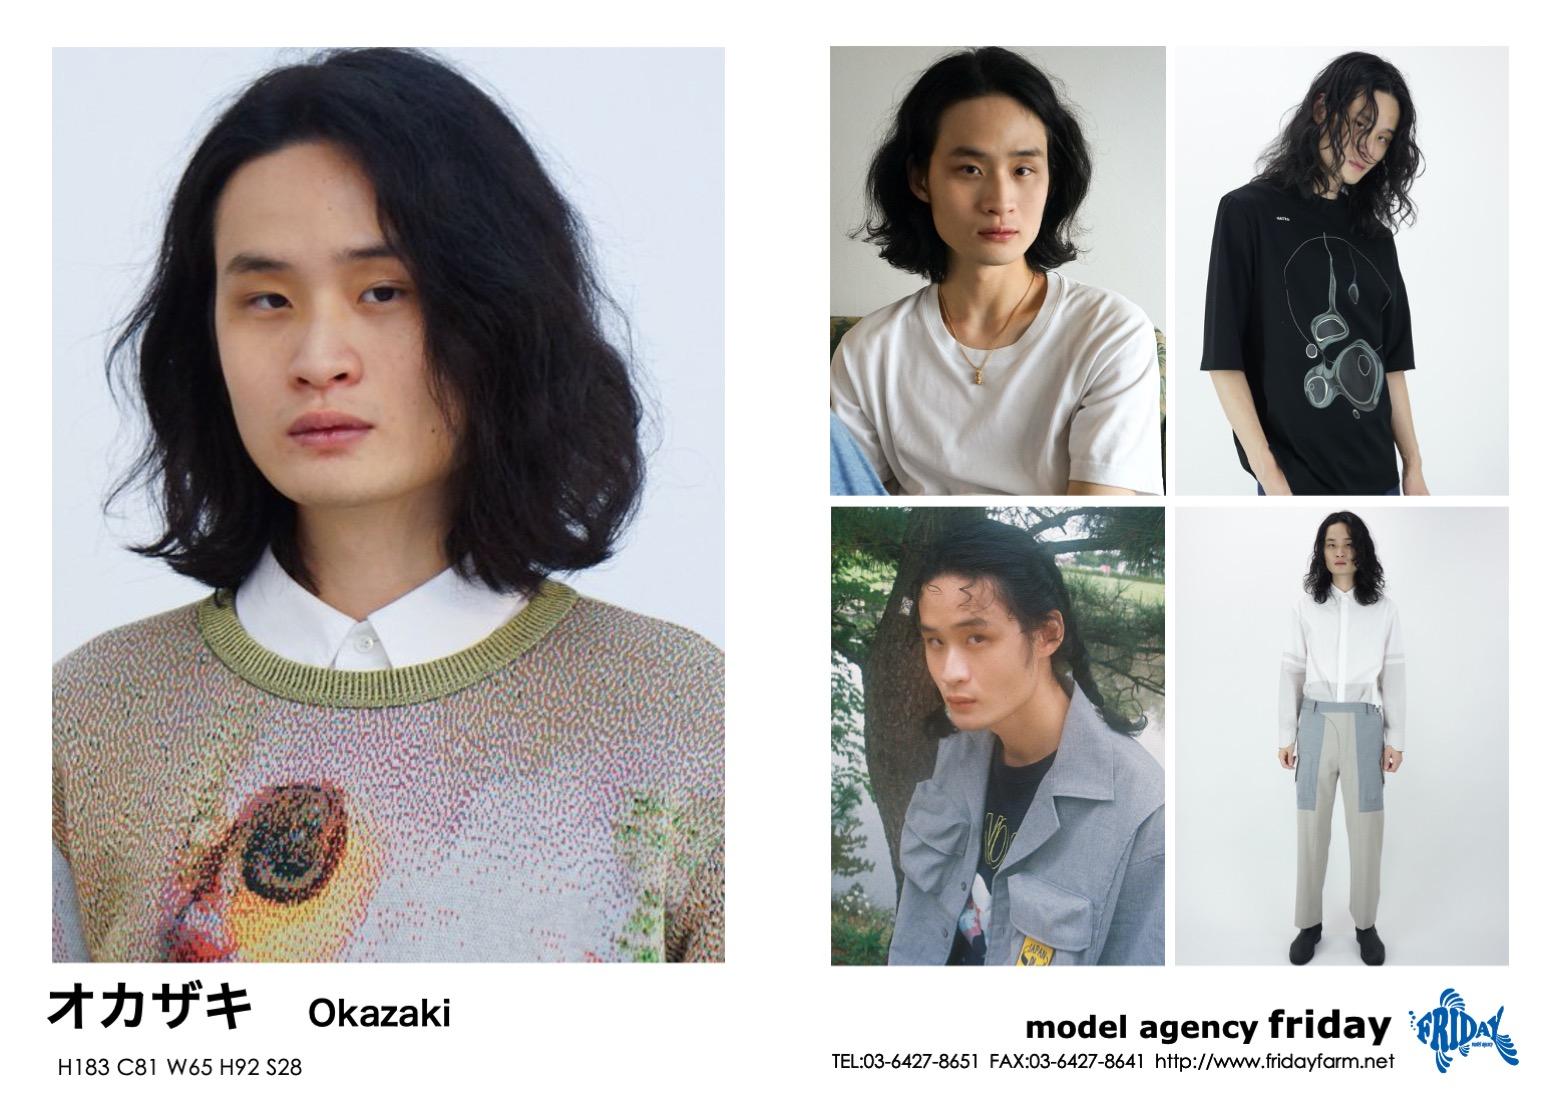 オカザキ - Okazaki   model agency friday